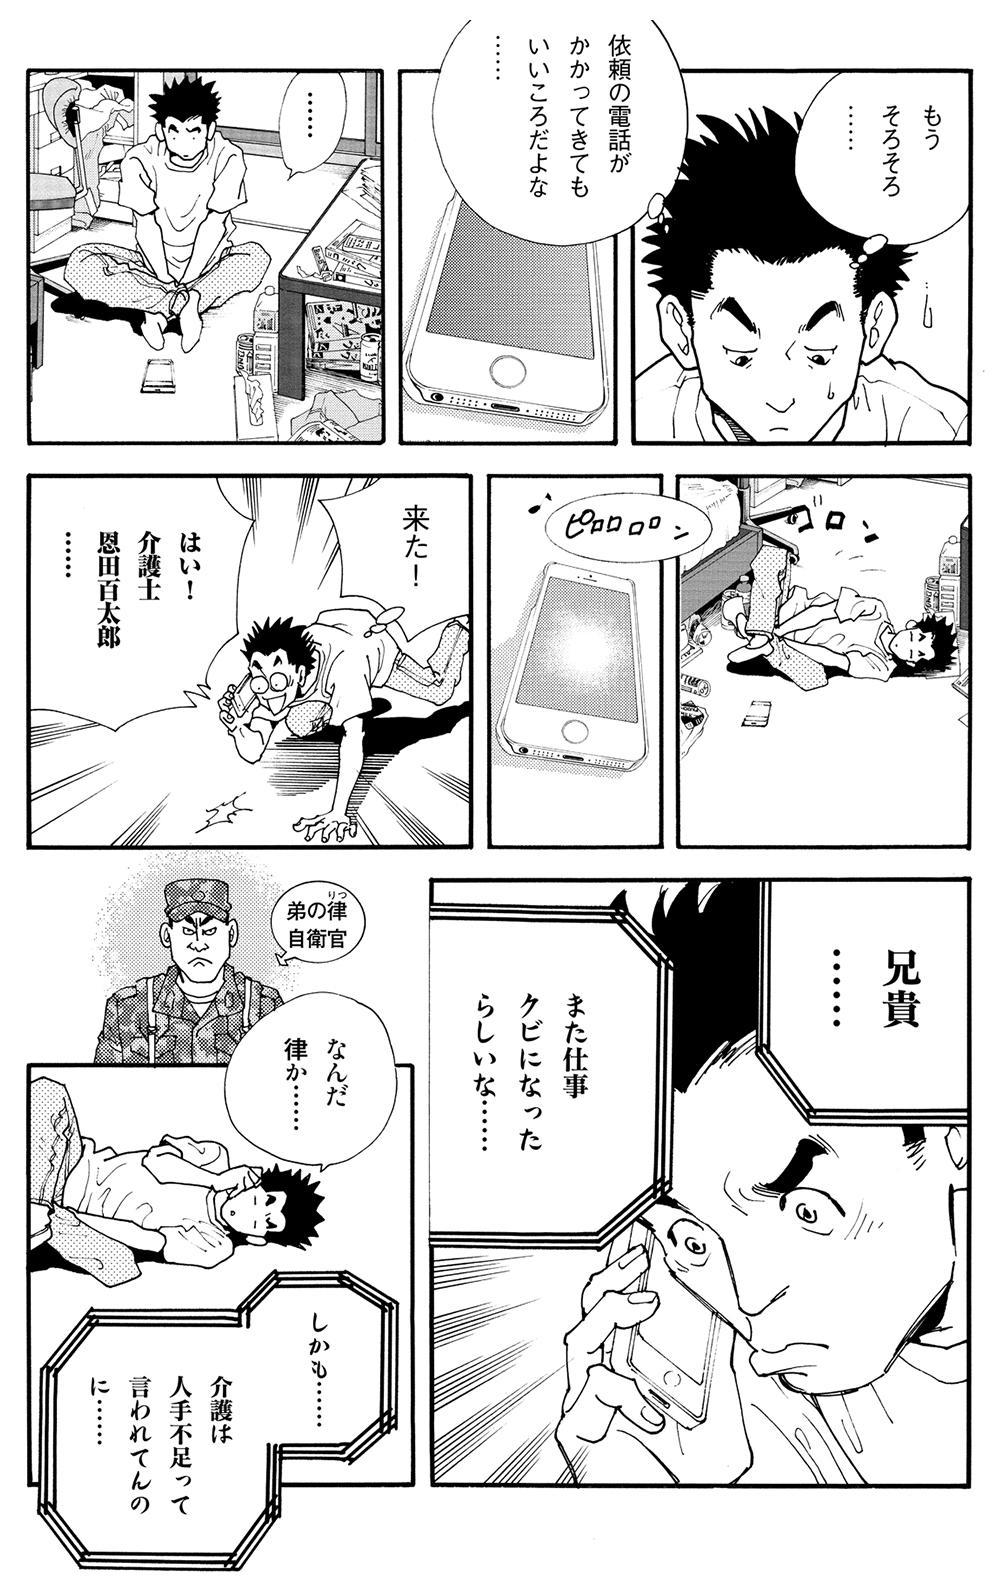 ヘルプマン!! 第1話「フリー介護士現る!」help1-14.jpg